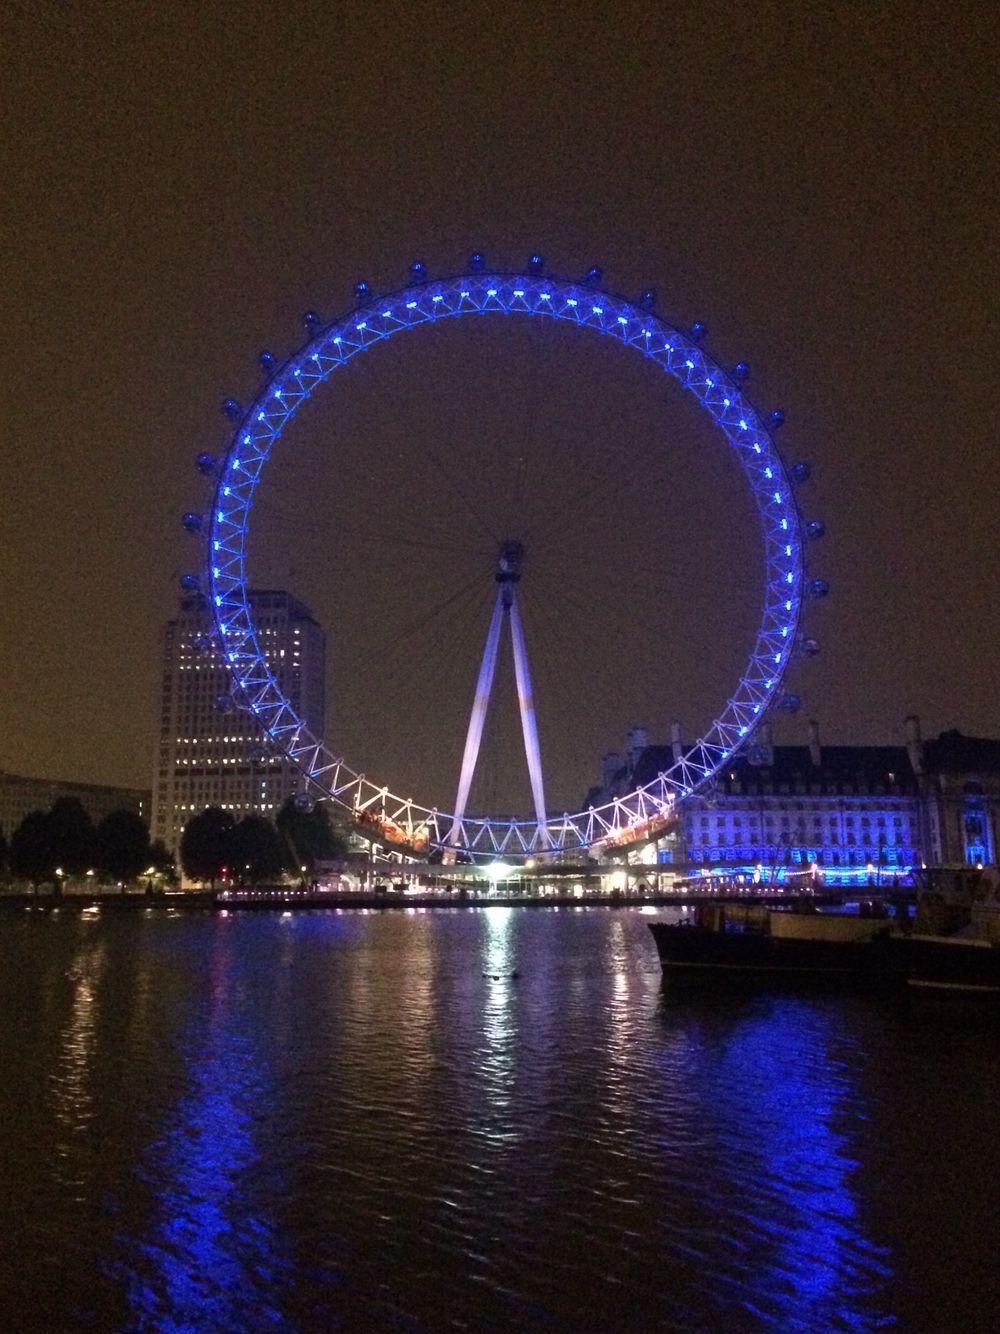 London Eye At Night London Eye At Night London Eye Landscape